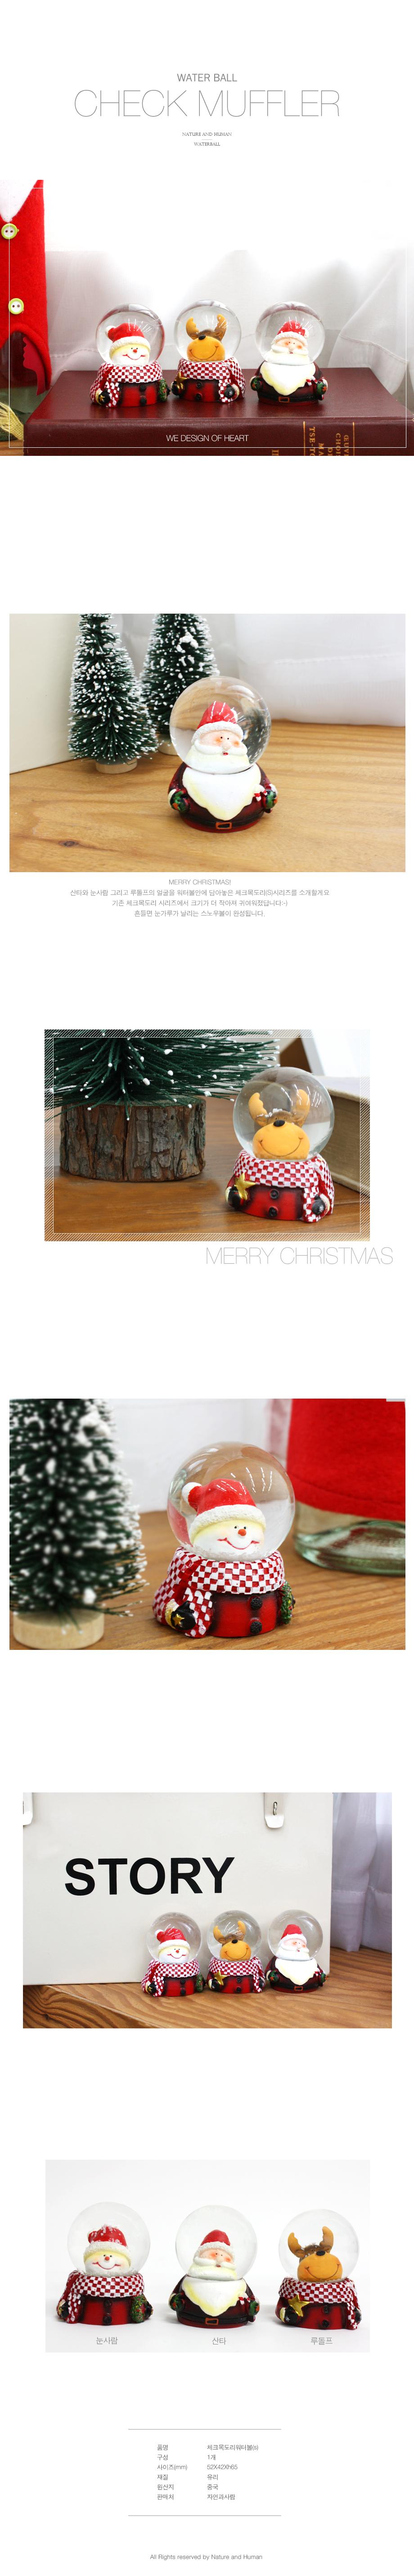 (크리스마스스노우볼) 체크목도리워터볼S 3type - 자연과사람, 4,000원, 장식소품, 오르골